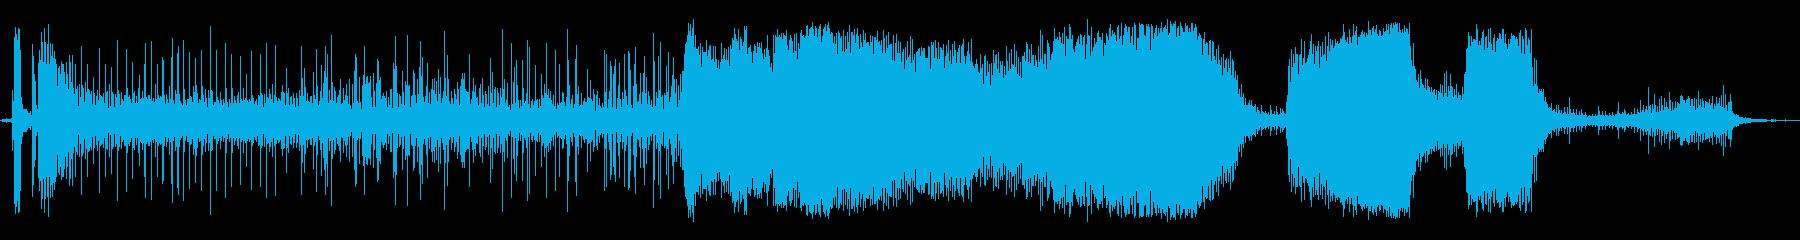 WW1ジェニービープラン:スタート...の再生済みの波形